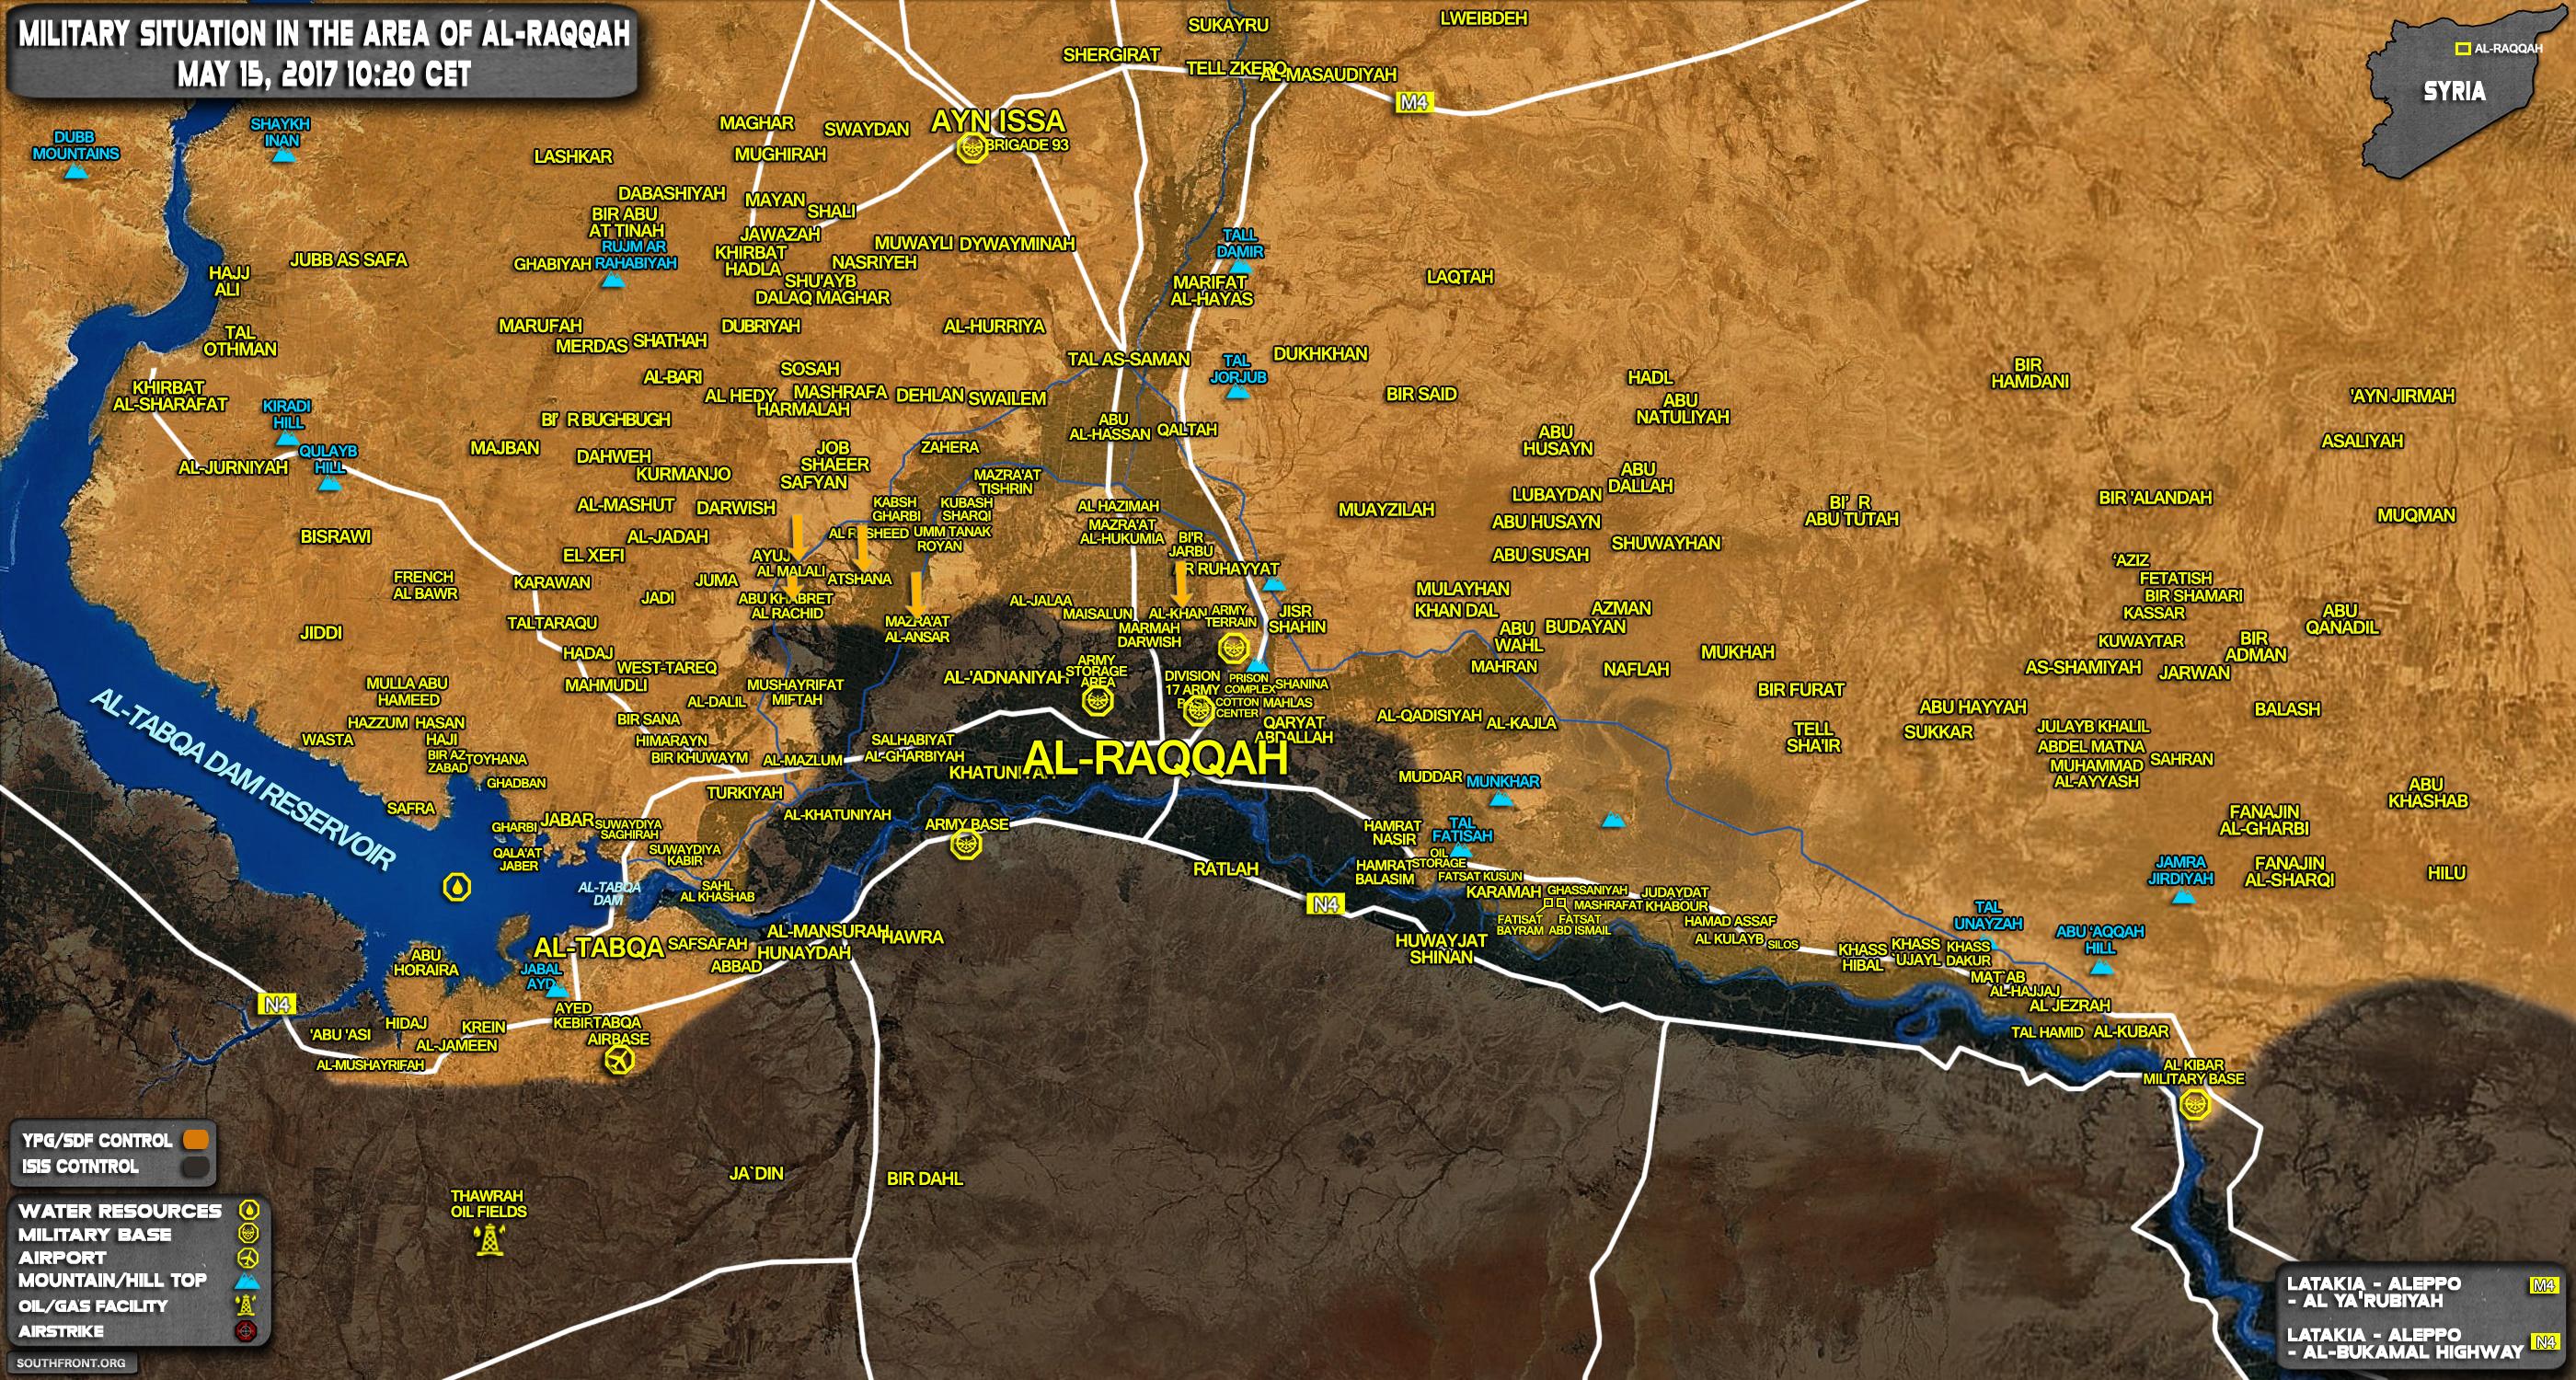 15may_10-20_Al-Raqqah_Syria_War_Map